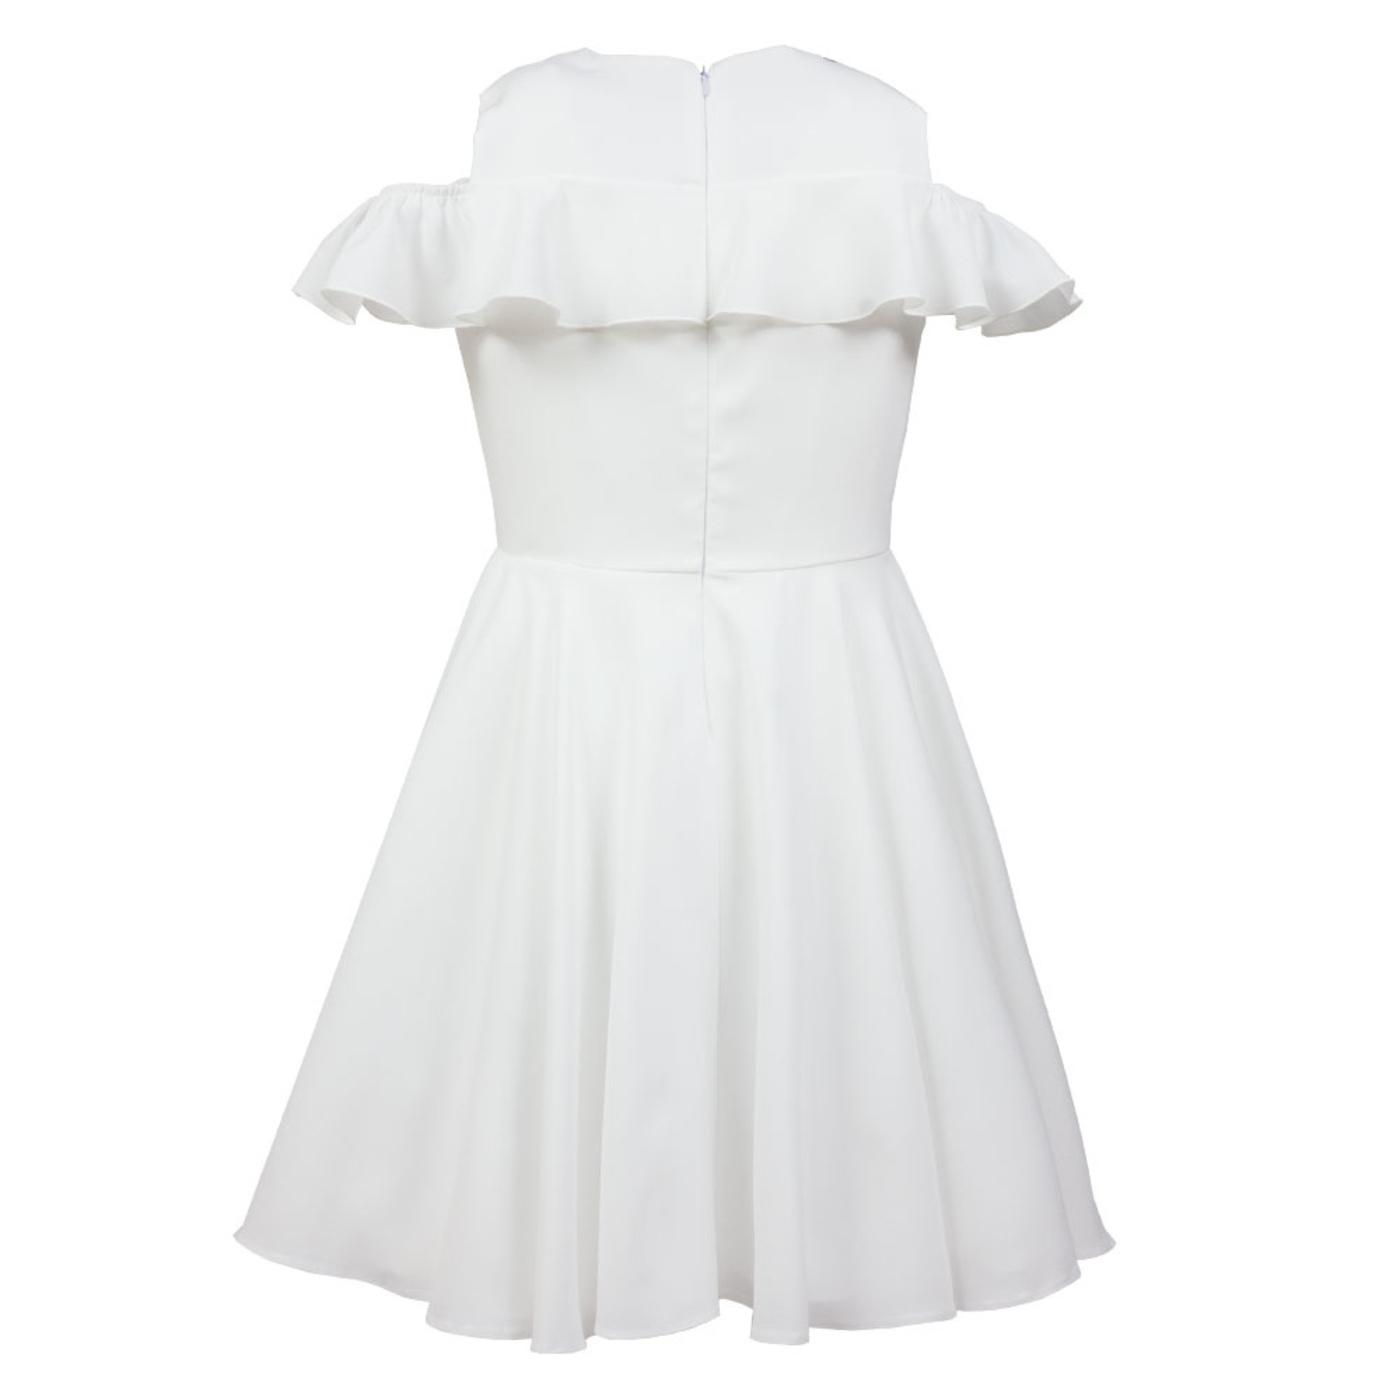 0d42eec179 ... Elegancka sukienka dla dziewczynki Ecru Robin